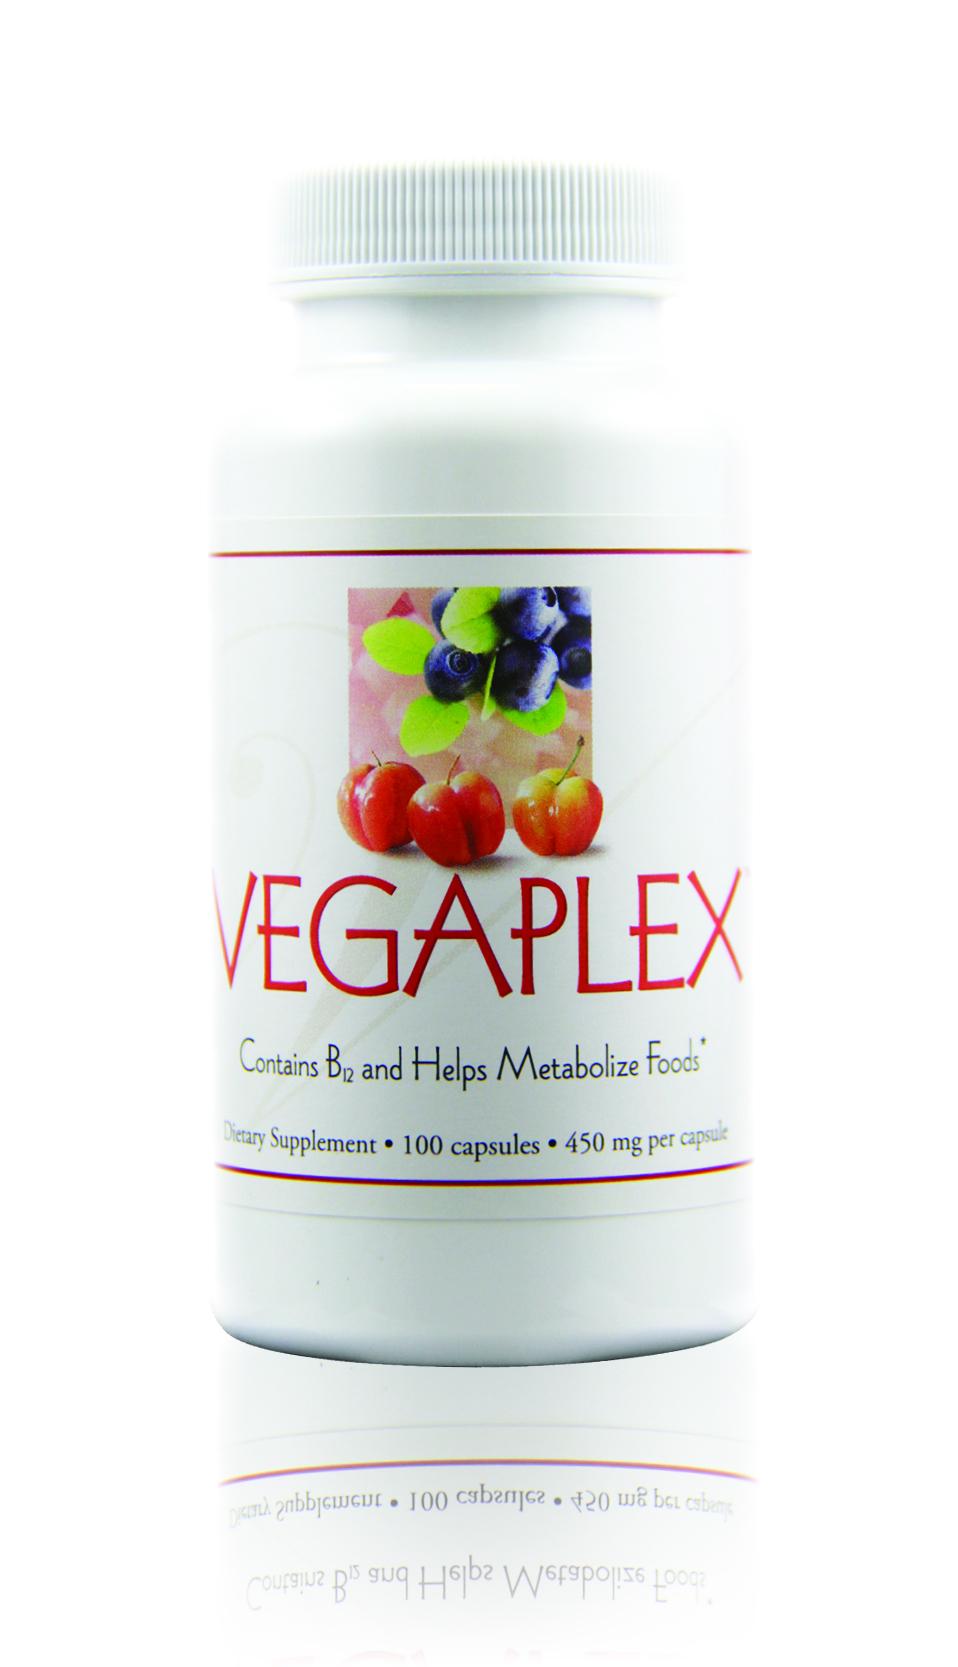 Vegaplex.jpg